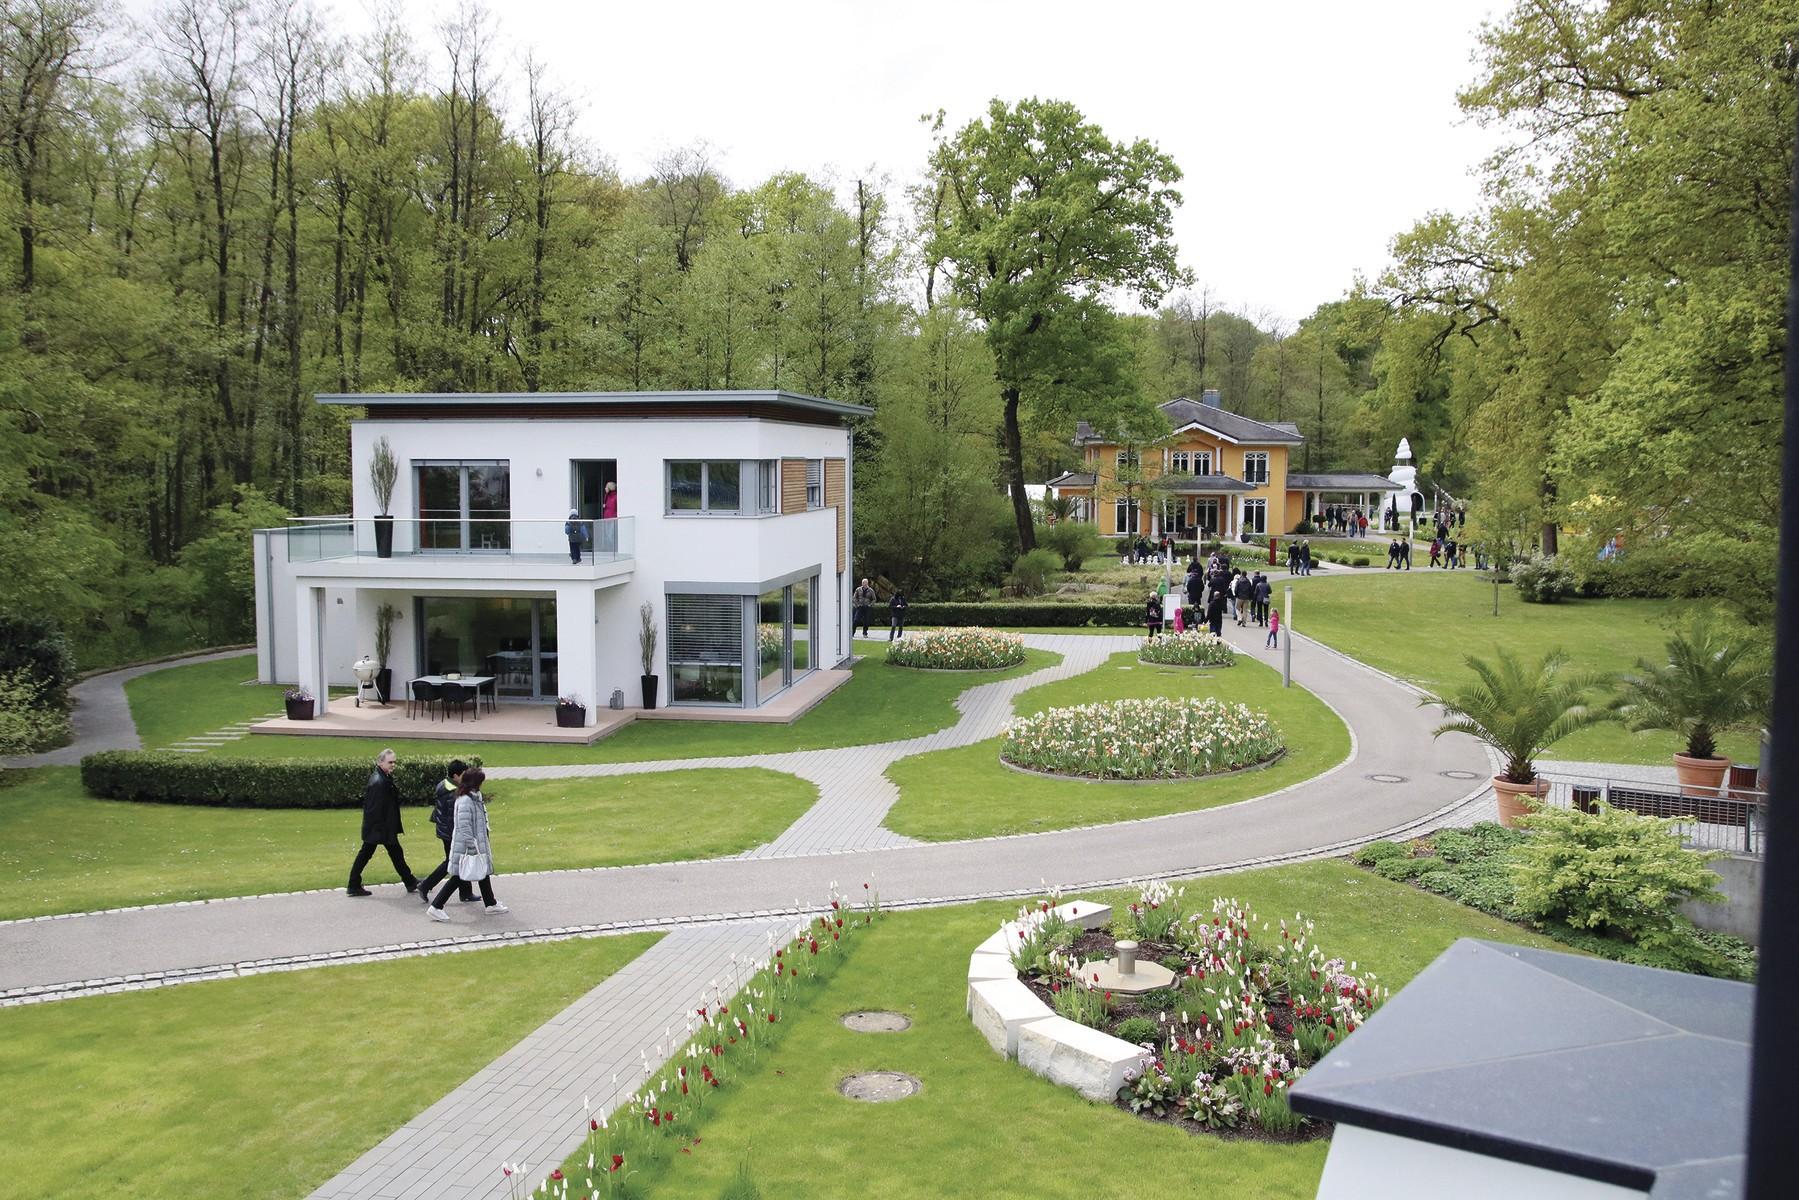 Bau- und Wohnpark World of Living wieder geöffnet